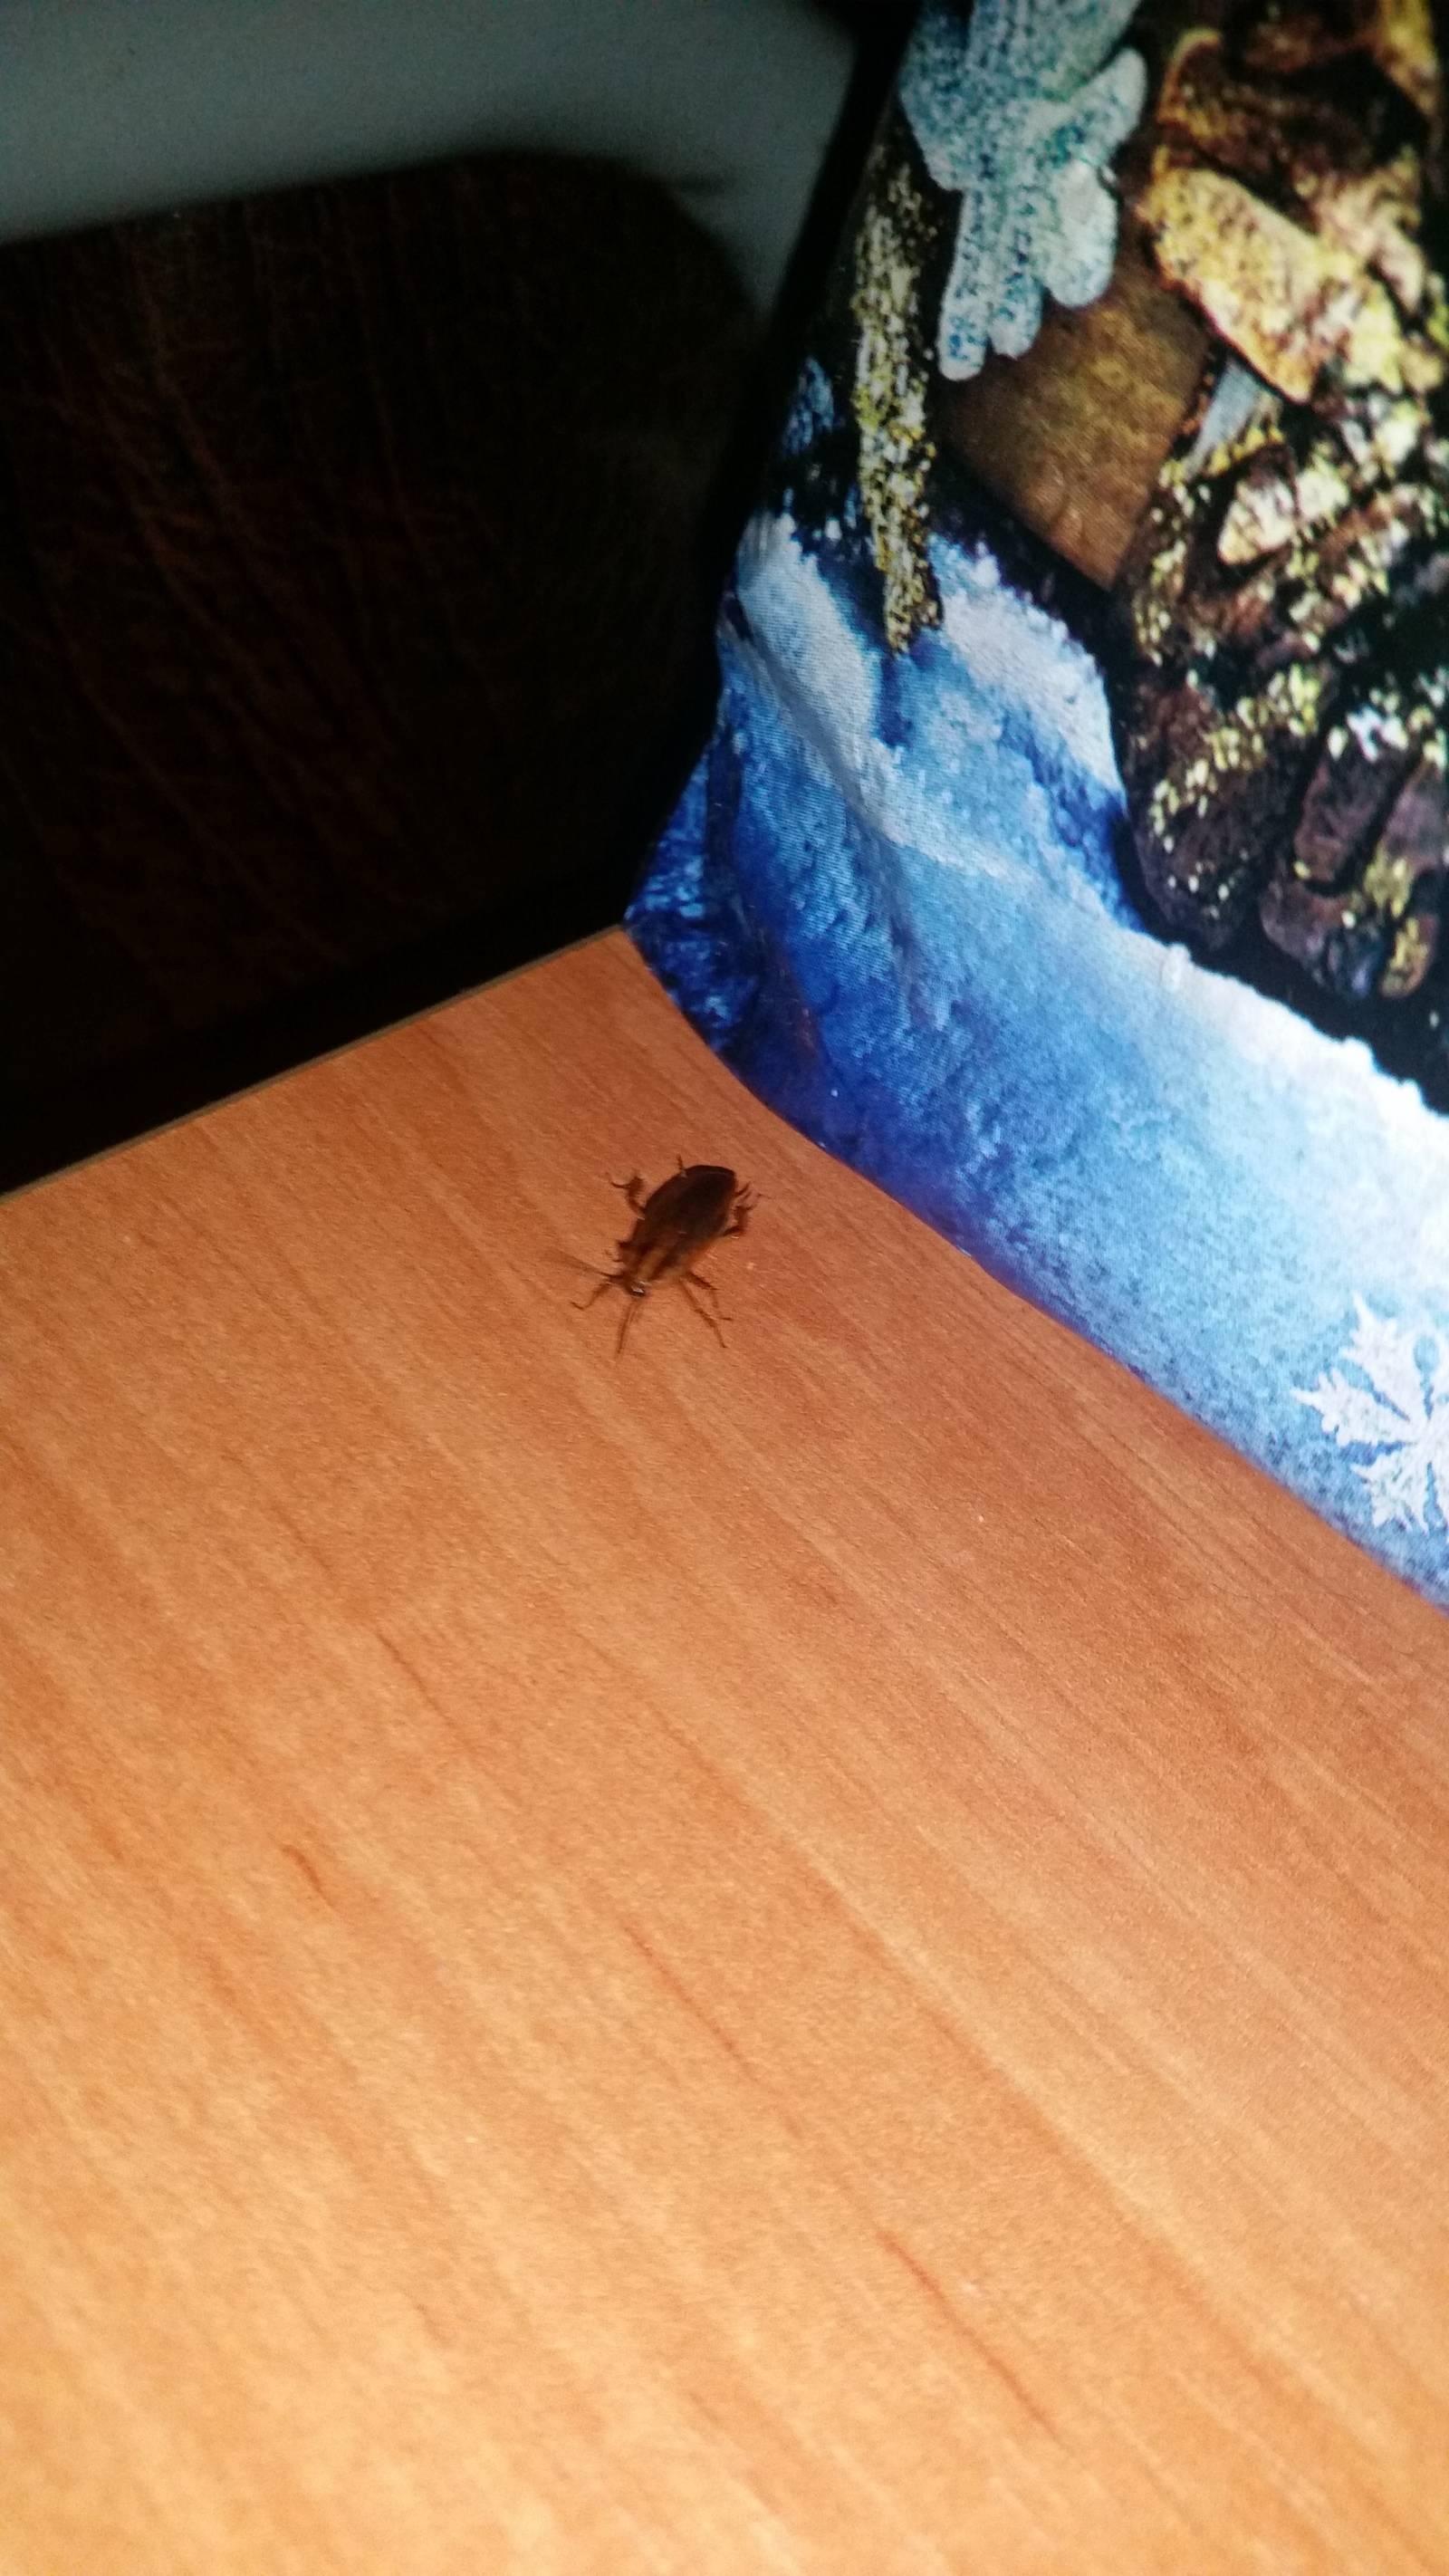 Куда ушли тараканы? возможные причины исчезновения этих насекомых